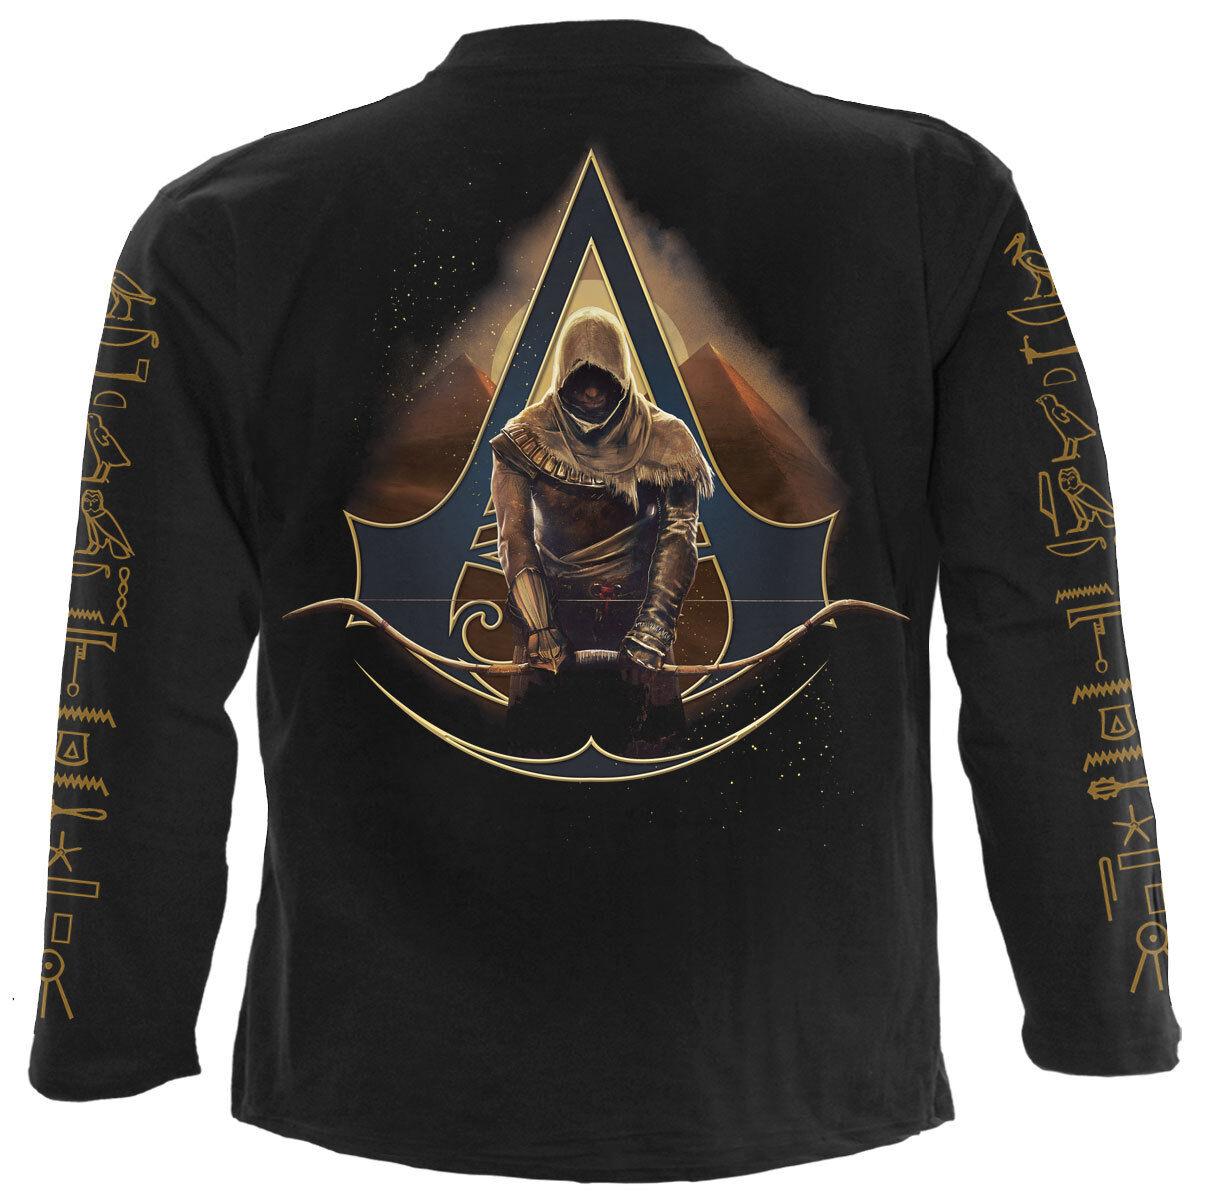 SPIRAL ORIGINS - BAYEK - ASSASSINS CREED Long Sleeve T-Shirt-Longbow-ANUBIS